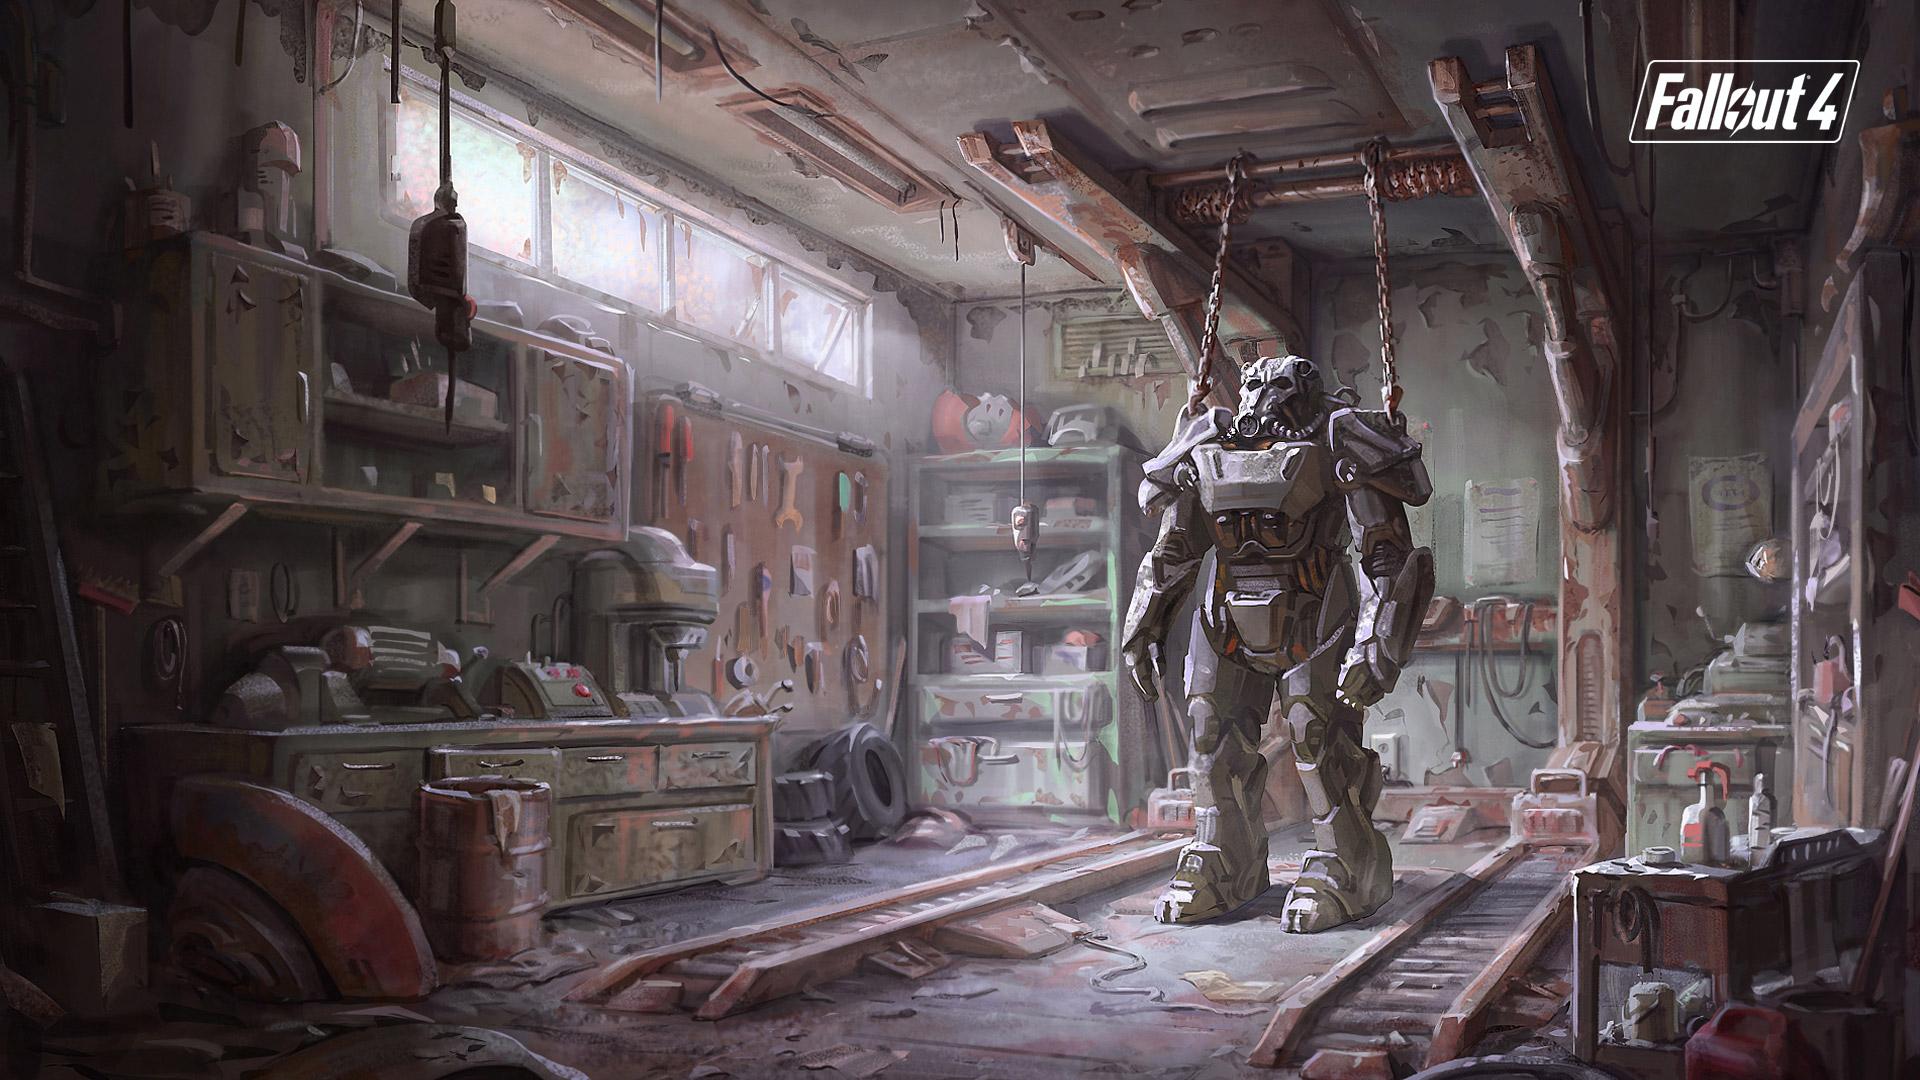 Fallout 4 wallpaper 13